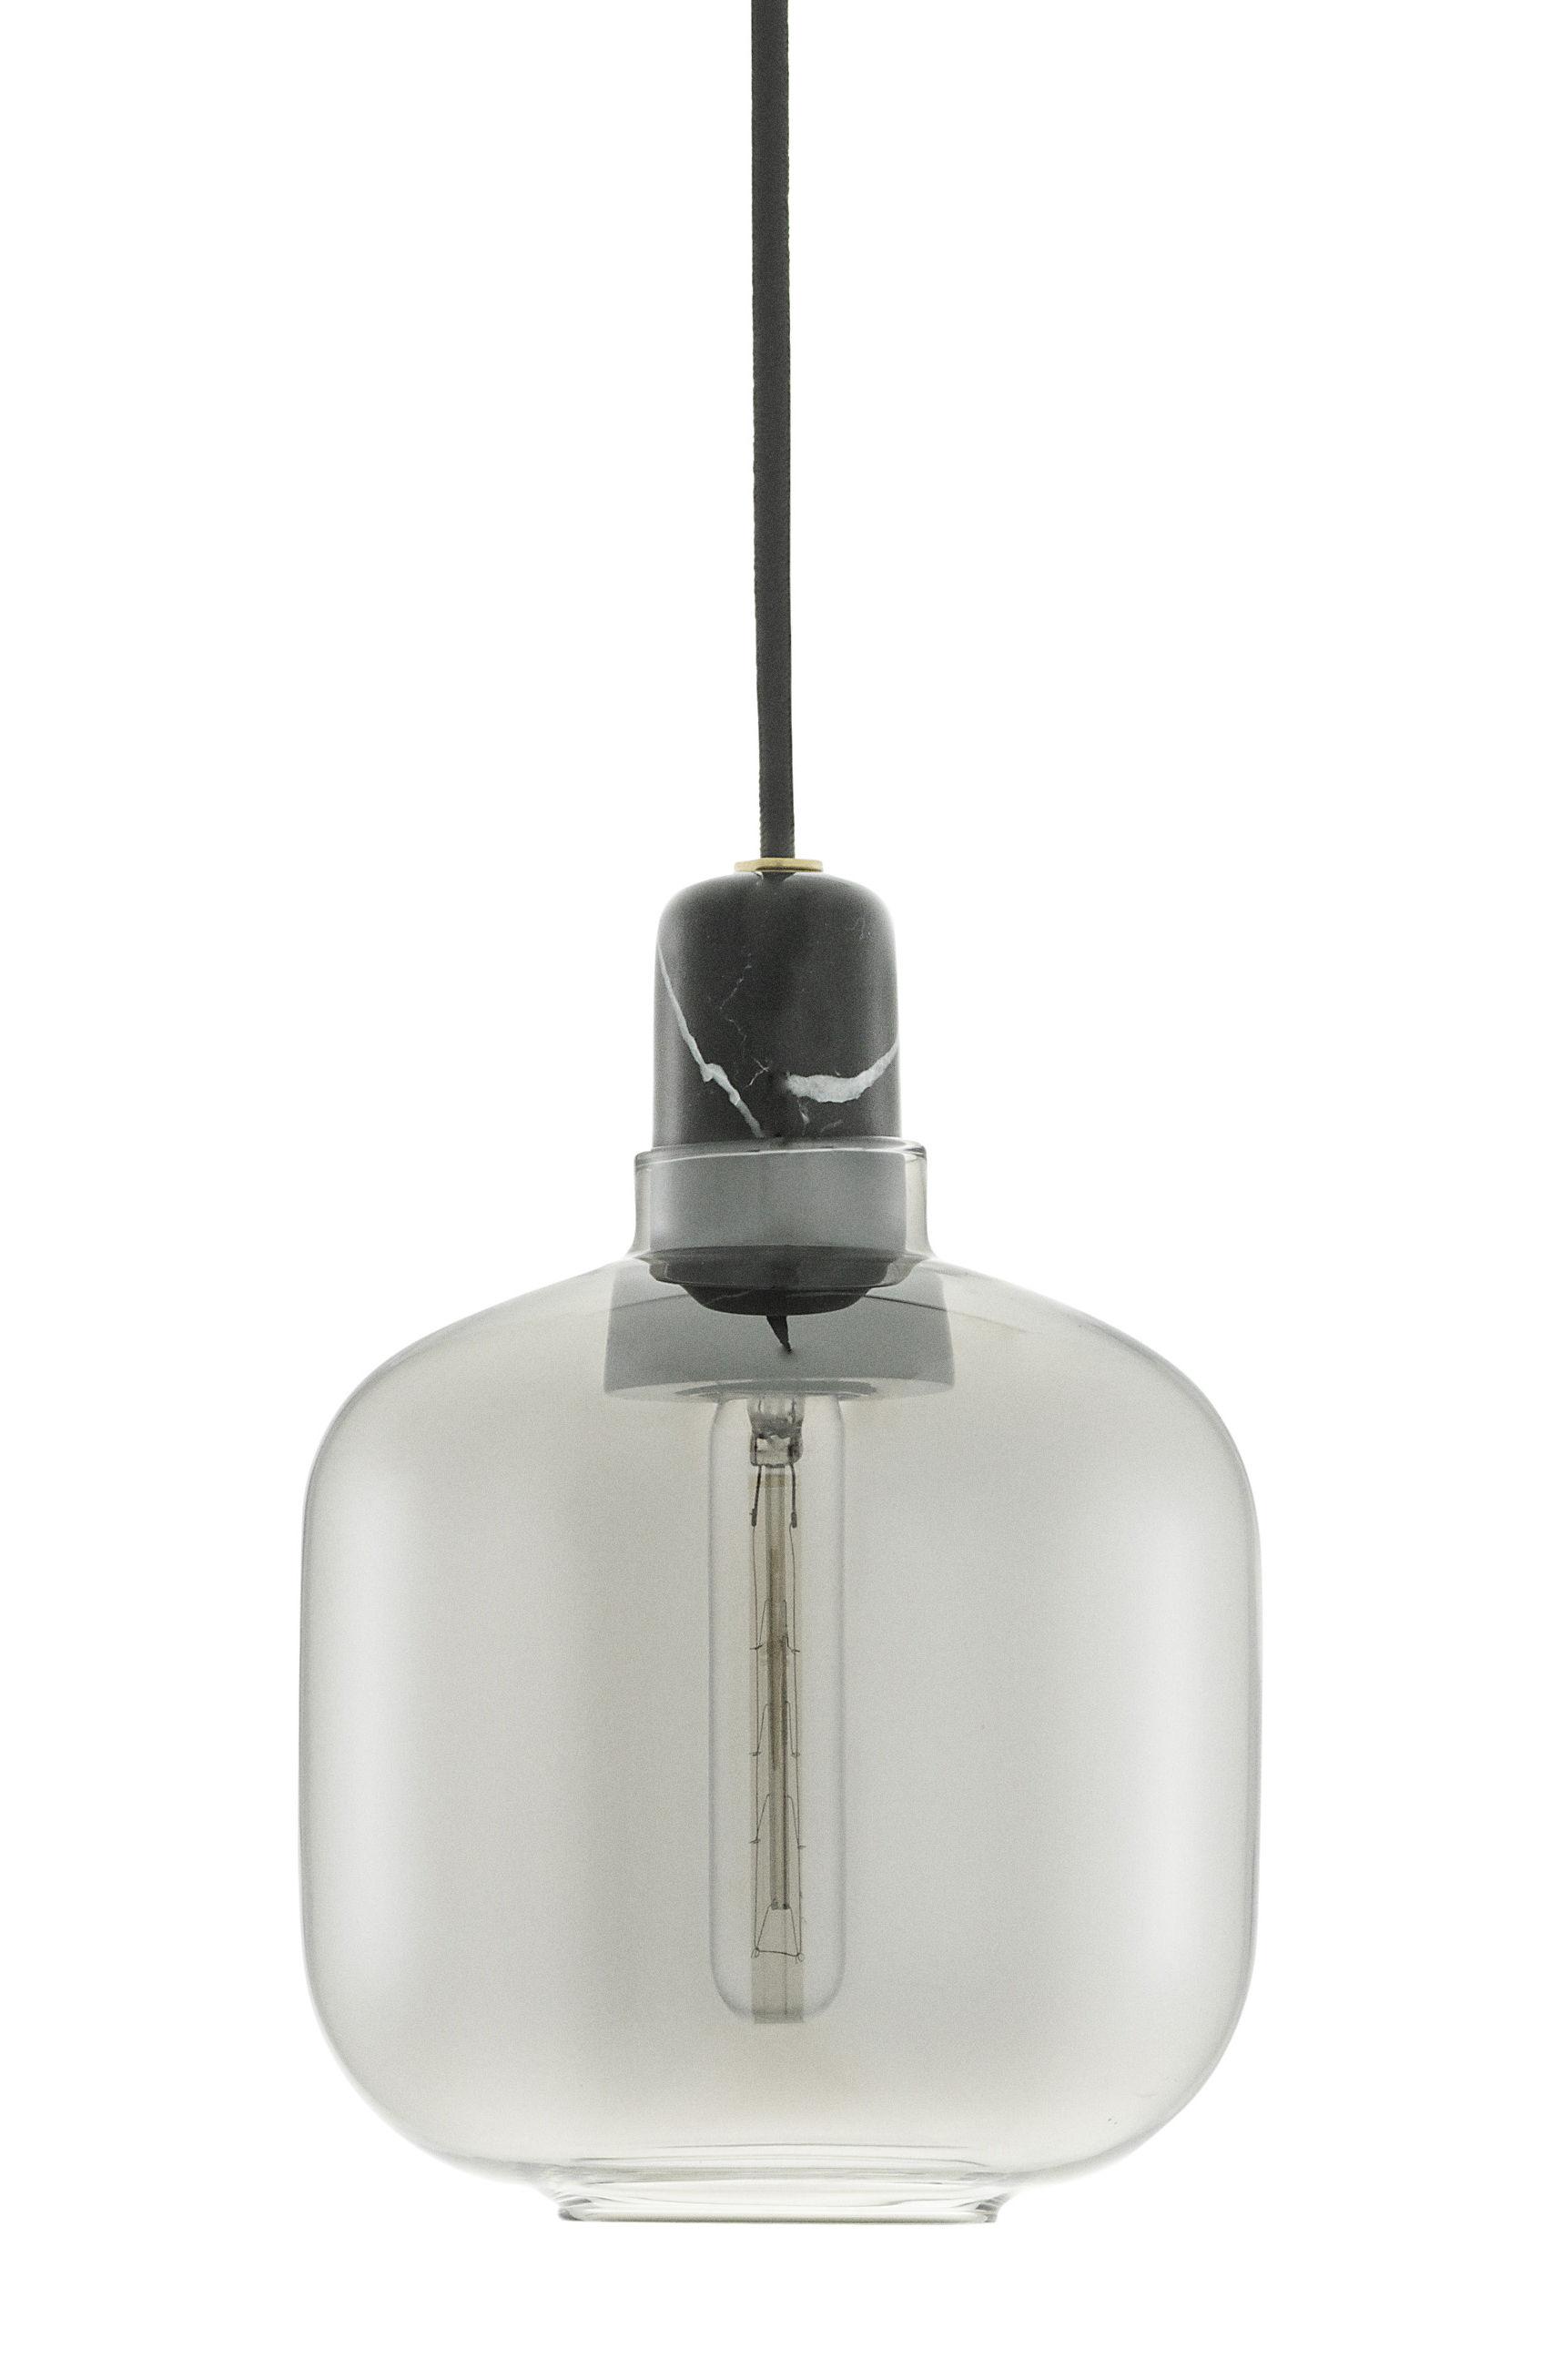 Illuminazione - Lampadari - Sospensione Amp Small - / Ø 14 x H 17 cm di Normann Copenhagen - Grigio fumé / Marmo nero - Marmo, Vetro